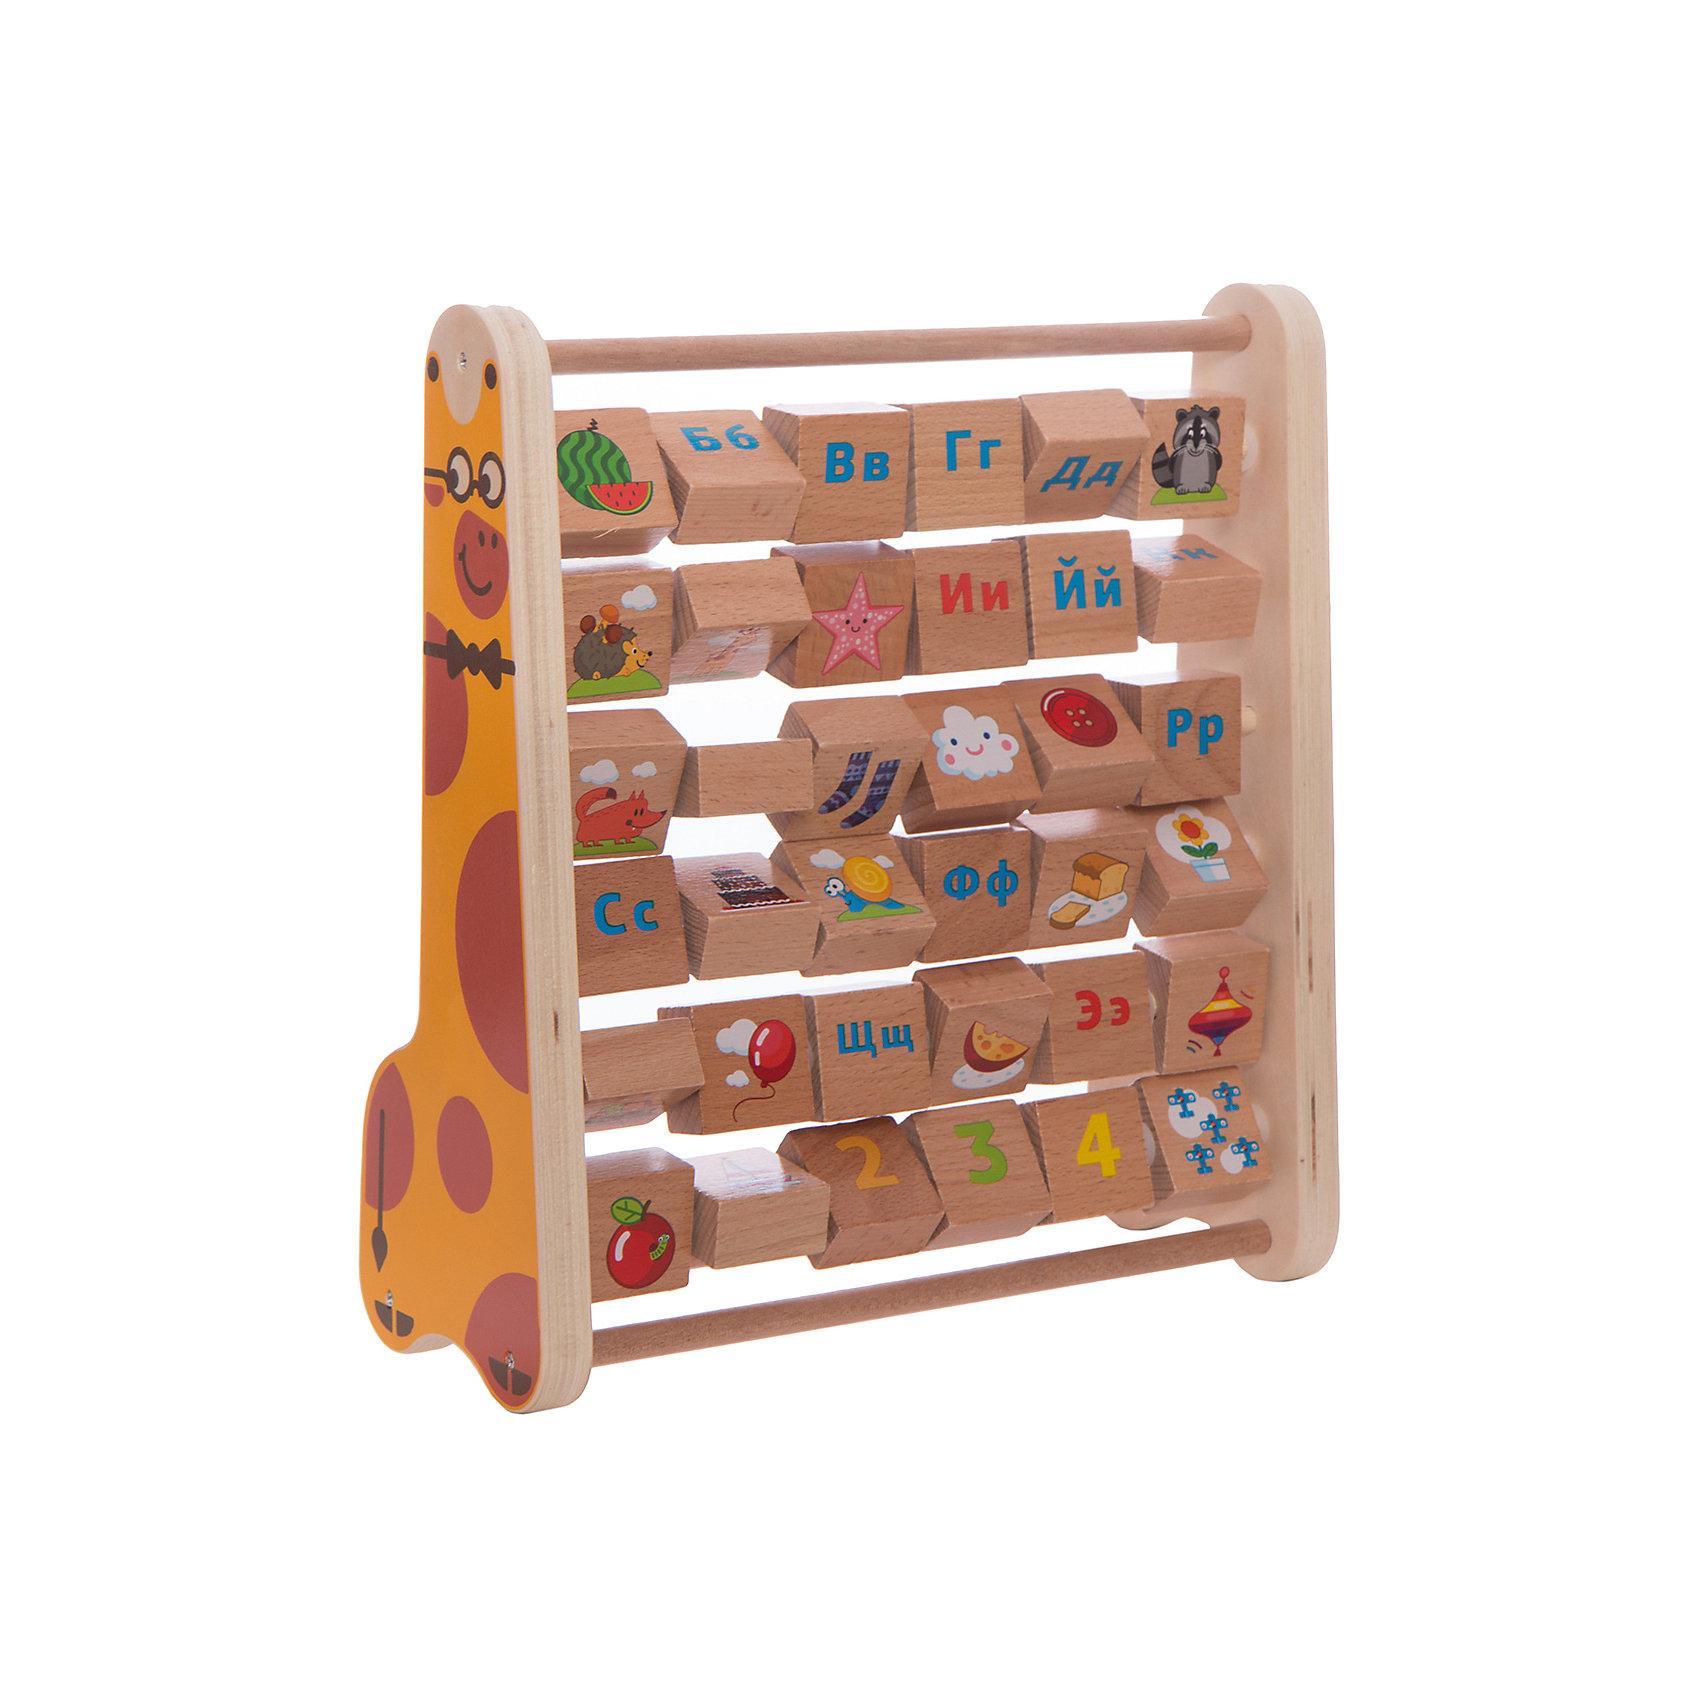 Счеты-Алфавит, Мир деревянных игрушекИгрушки для малышей<br>Счеты-Алфавит – уникальный помощник для ребенка в изучении алфавита.<br>Счеты – это интересная игрушка, которая подходит не только для забавы, но и для учебы. С одной стороны ребенок найдет новую букву, с другой – картинку со словом на эту букву. Игрушка выполнена из качественного натурального дерева, которое полностью безопасно для ребенка. Картинки красочные, яркие и не тускнеют при длительном пользовании. Каркас игрушки устойчивый и надежный.<br><br>Дополнительная информация:<br>- размер: 25х7х28,5 см<br>- вес: 708г<br>- материал: дерево <br>- возраст: от 3 лет<br><br>Счеты-Алфавит можно купить в нашем интернет-магазине.<br><br>Ширина мм: 270<br>Глубина мм: 115<br>Высота мм: 310<br>Вес г: 708<br>Возраст от месяцев: 36<br>Возраст до месяцев: 2147483647<br>Пол: Унисекс<br>Возраст: Детский<br>SKU: 4895871